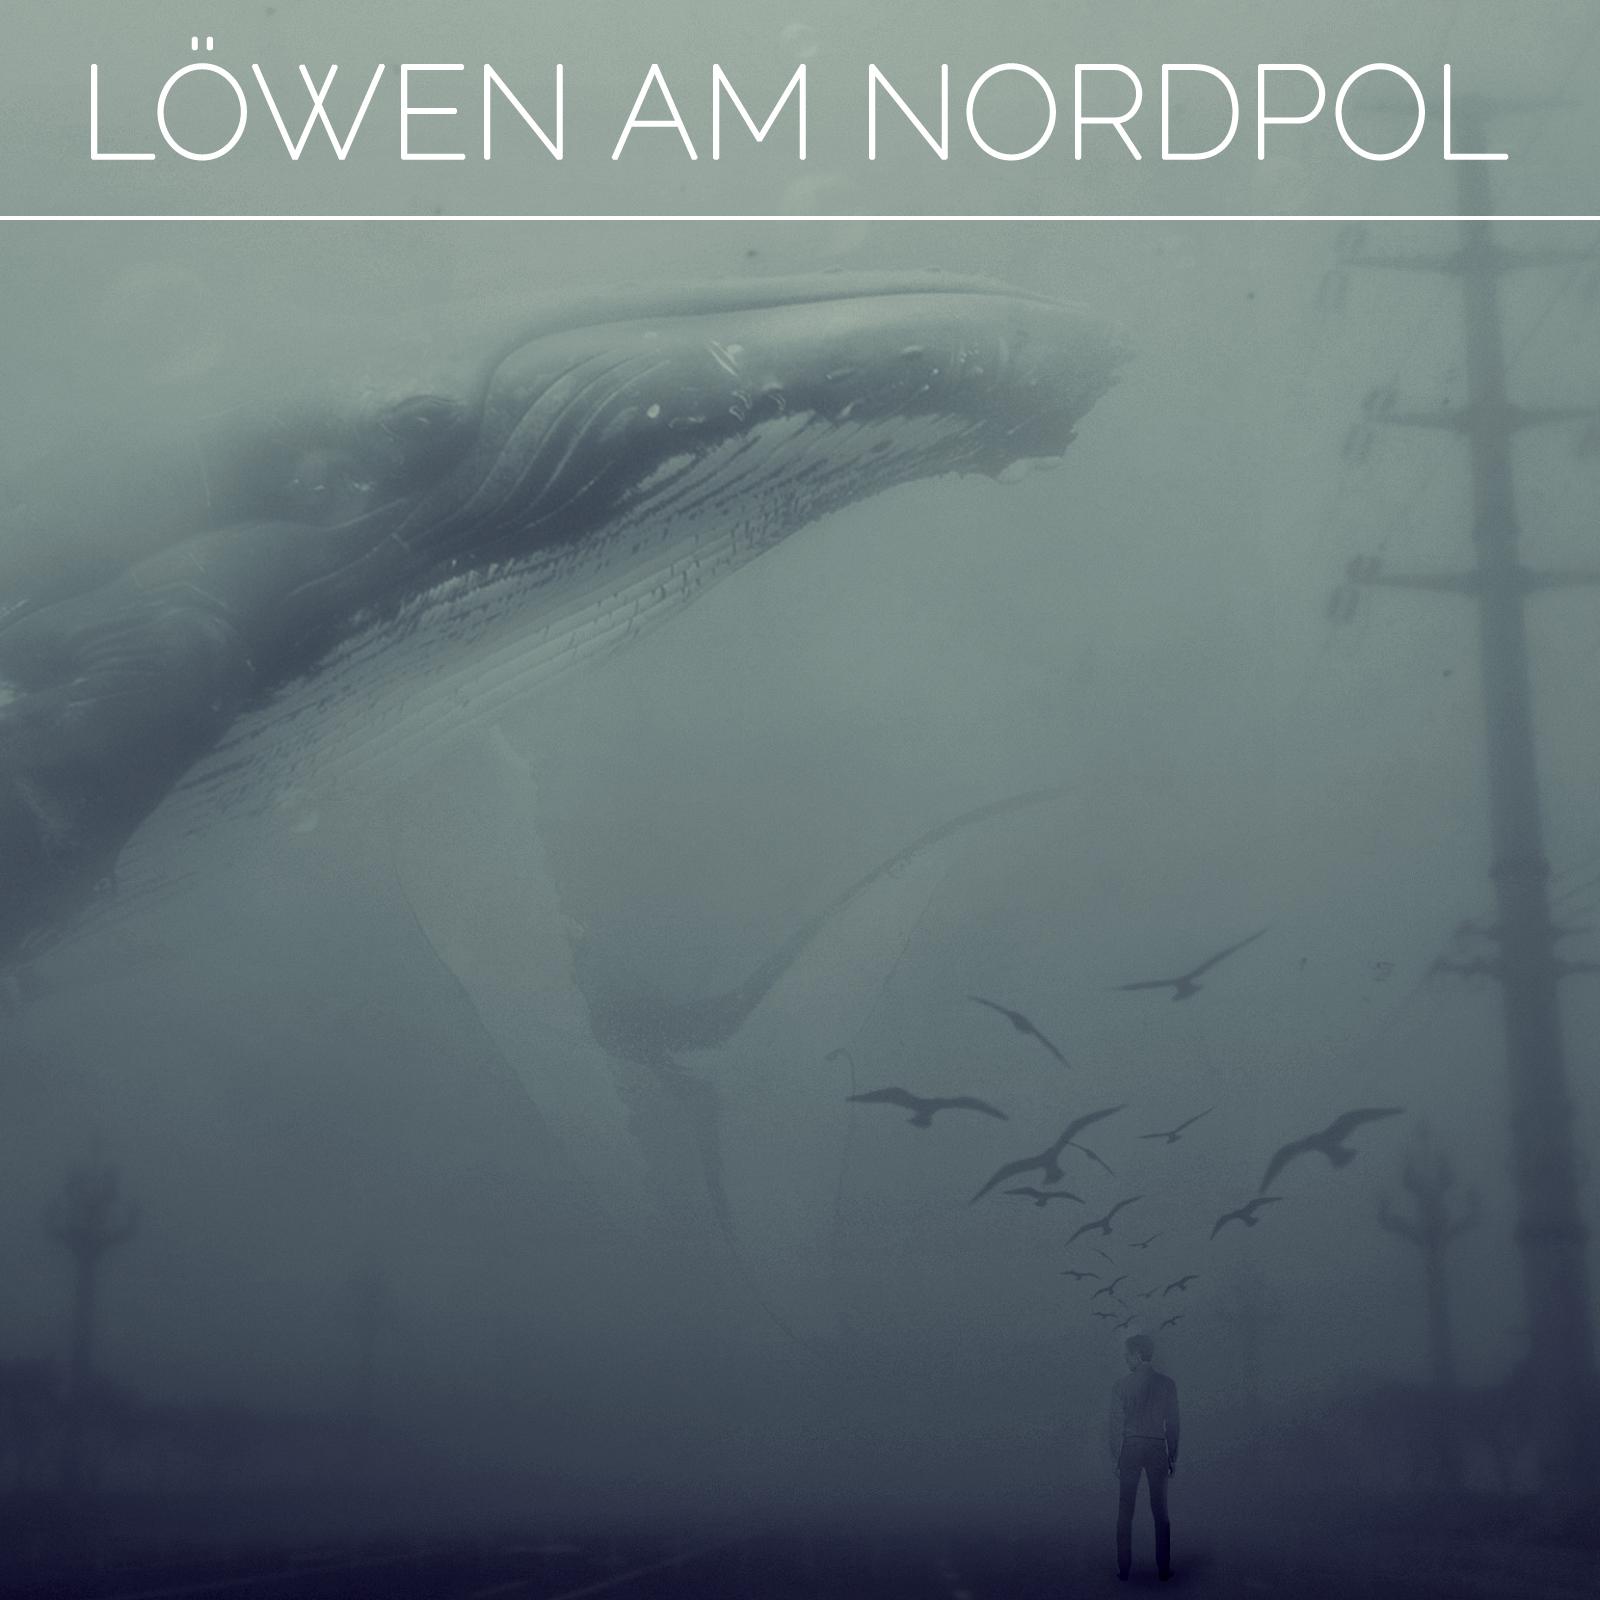 Löwen am Nordpol – Löwen am Nordpol (Album Release 09.04.2021)